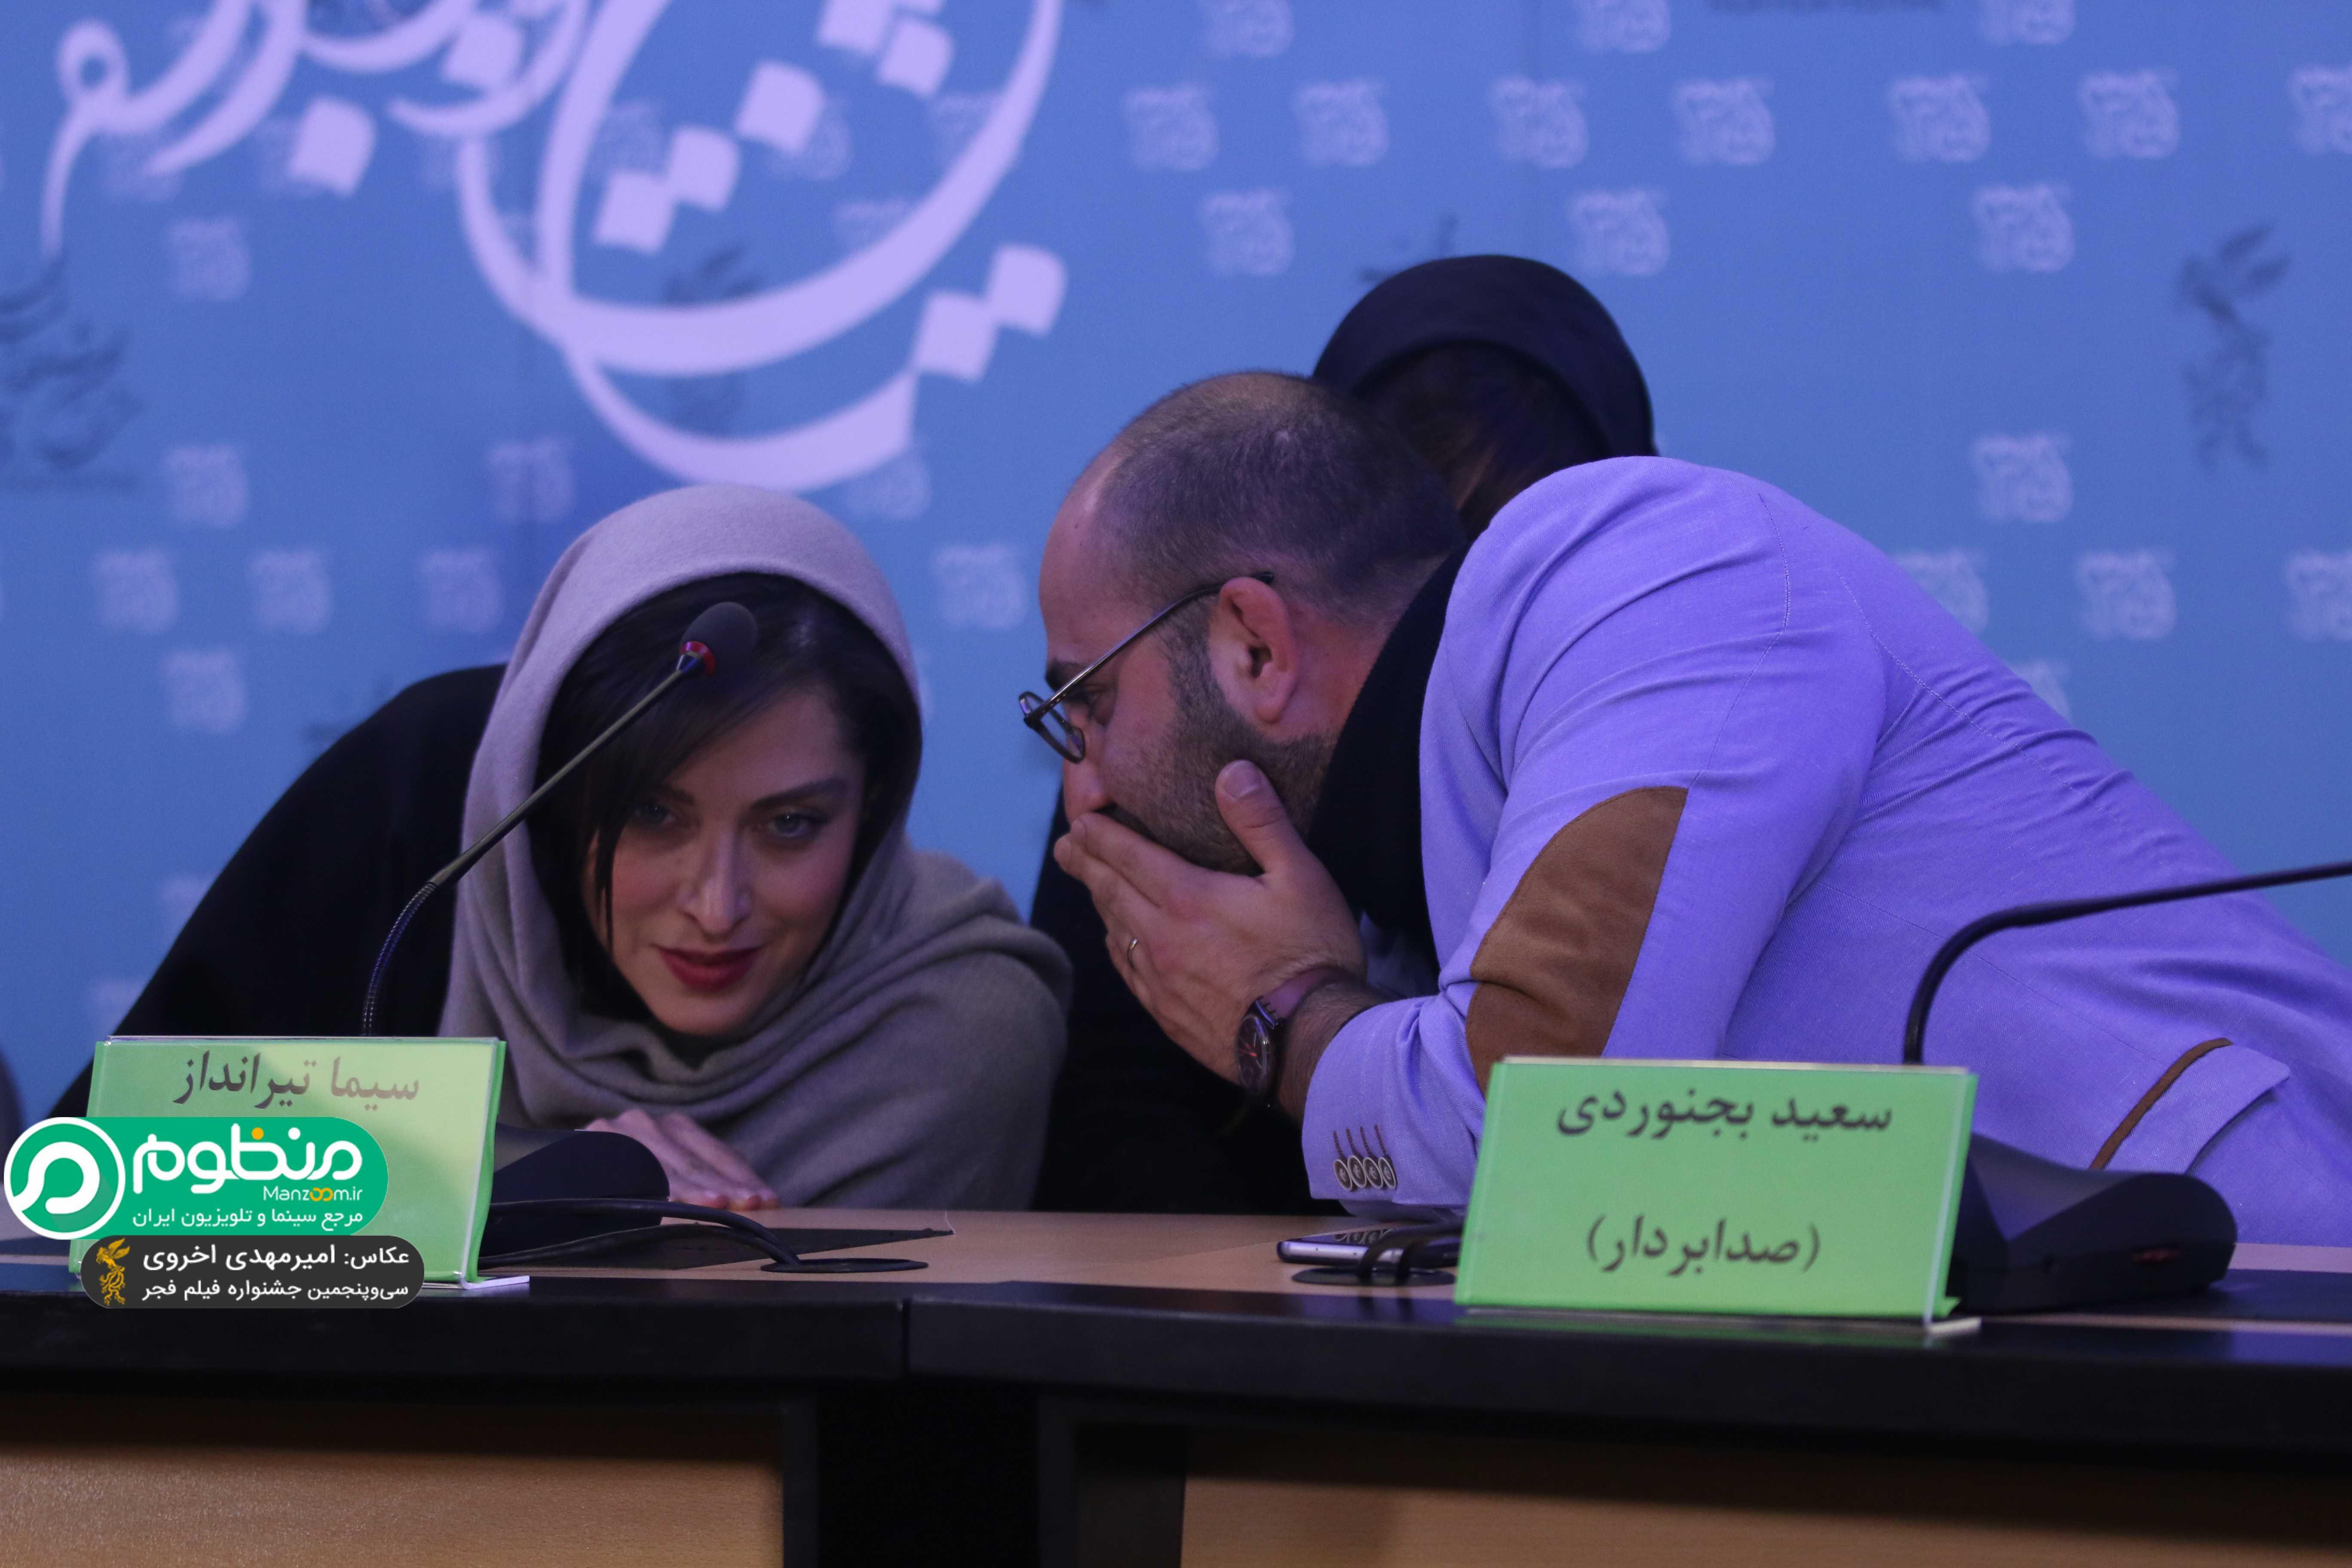 سعید بجنوردی در نشست خبری فیلم سینمایی ماجان به همراه مهتاب کرامتی